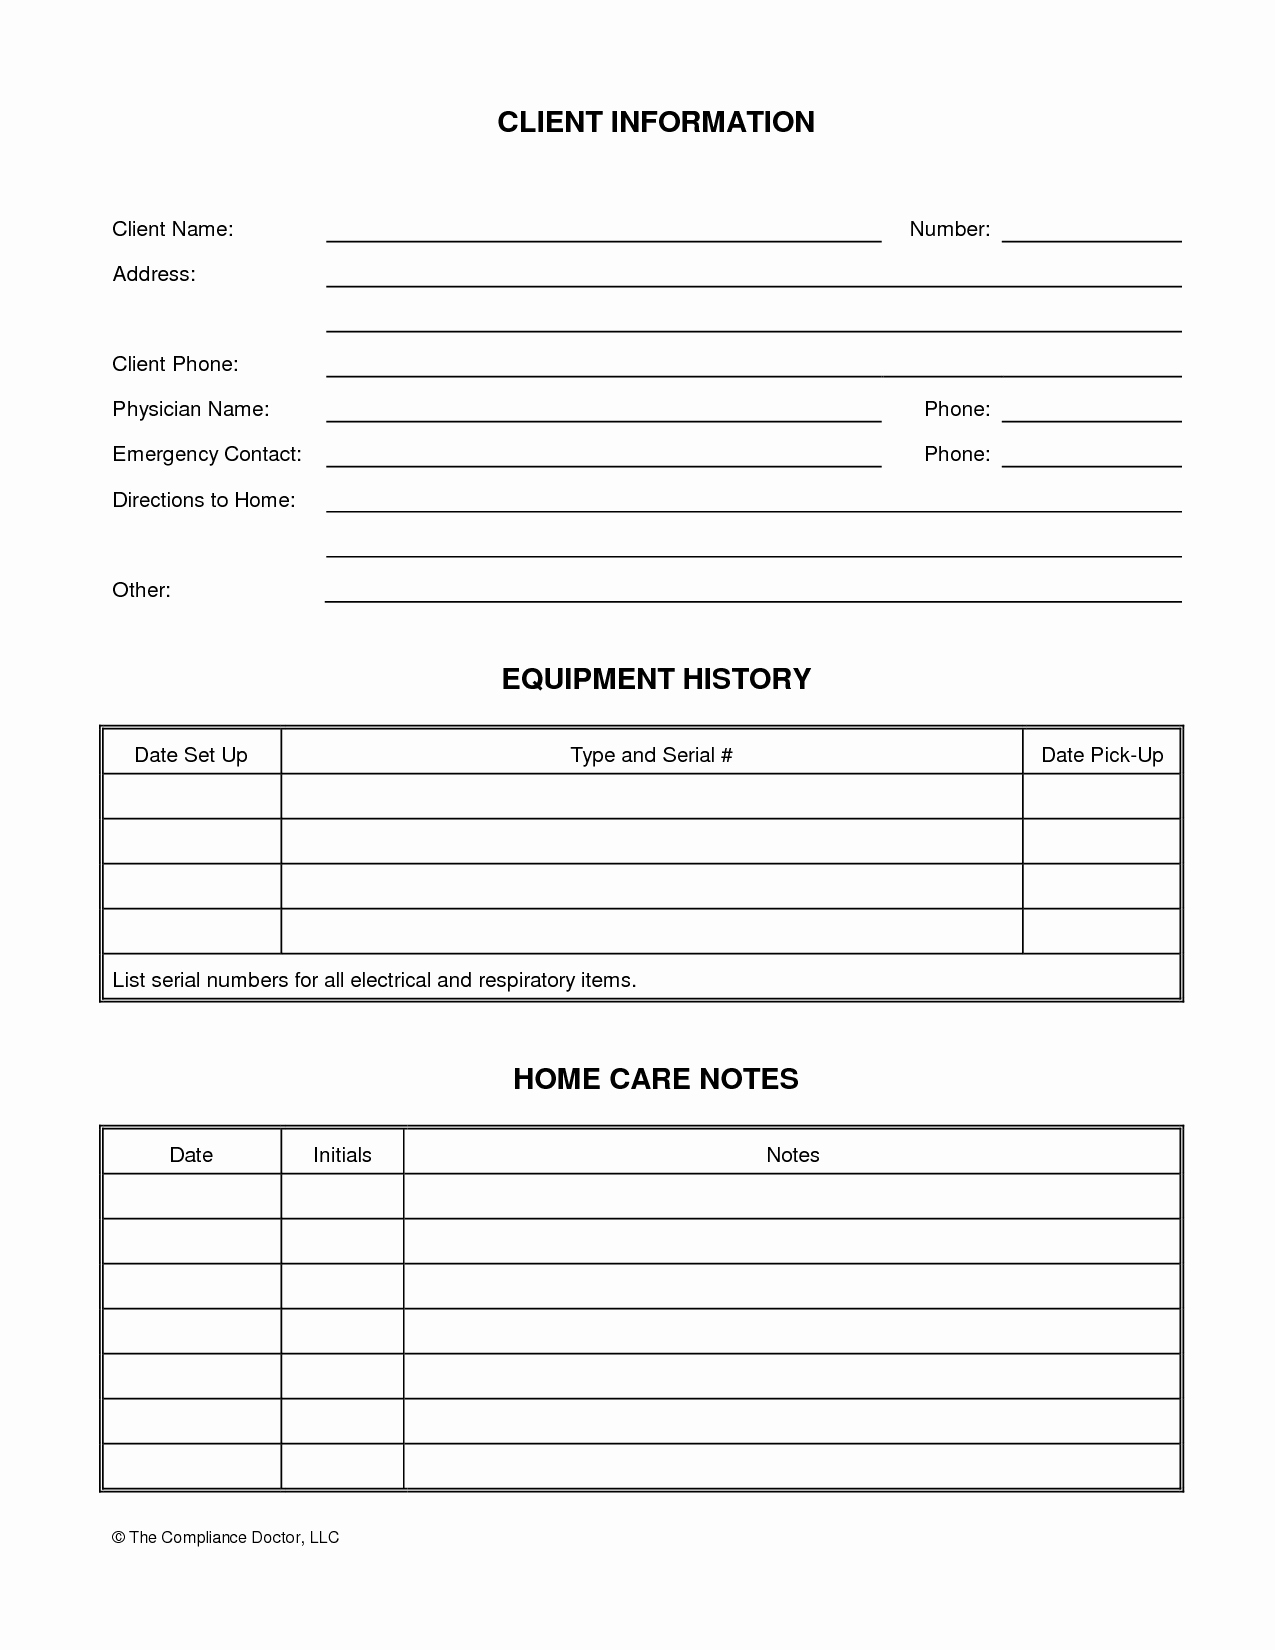 Client Information form Template Unique Best S Of New Client Information form Template New